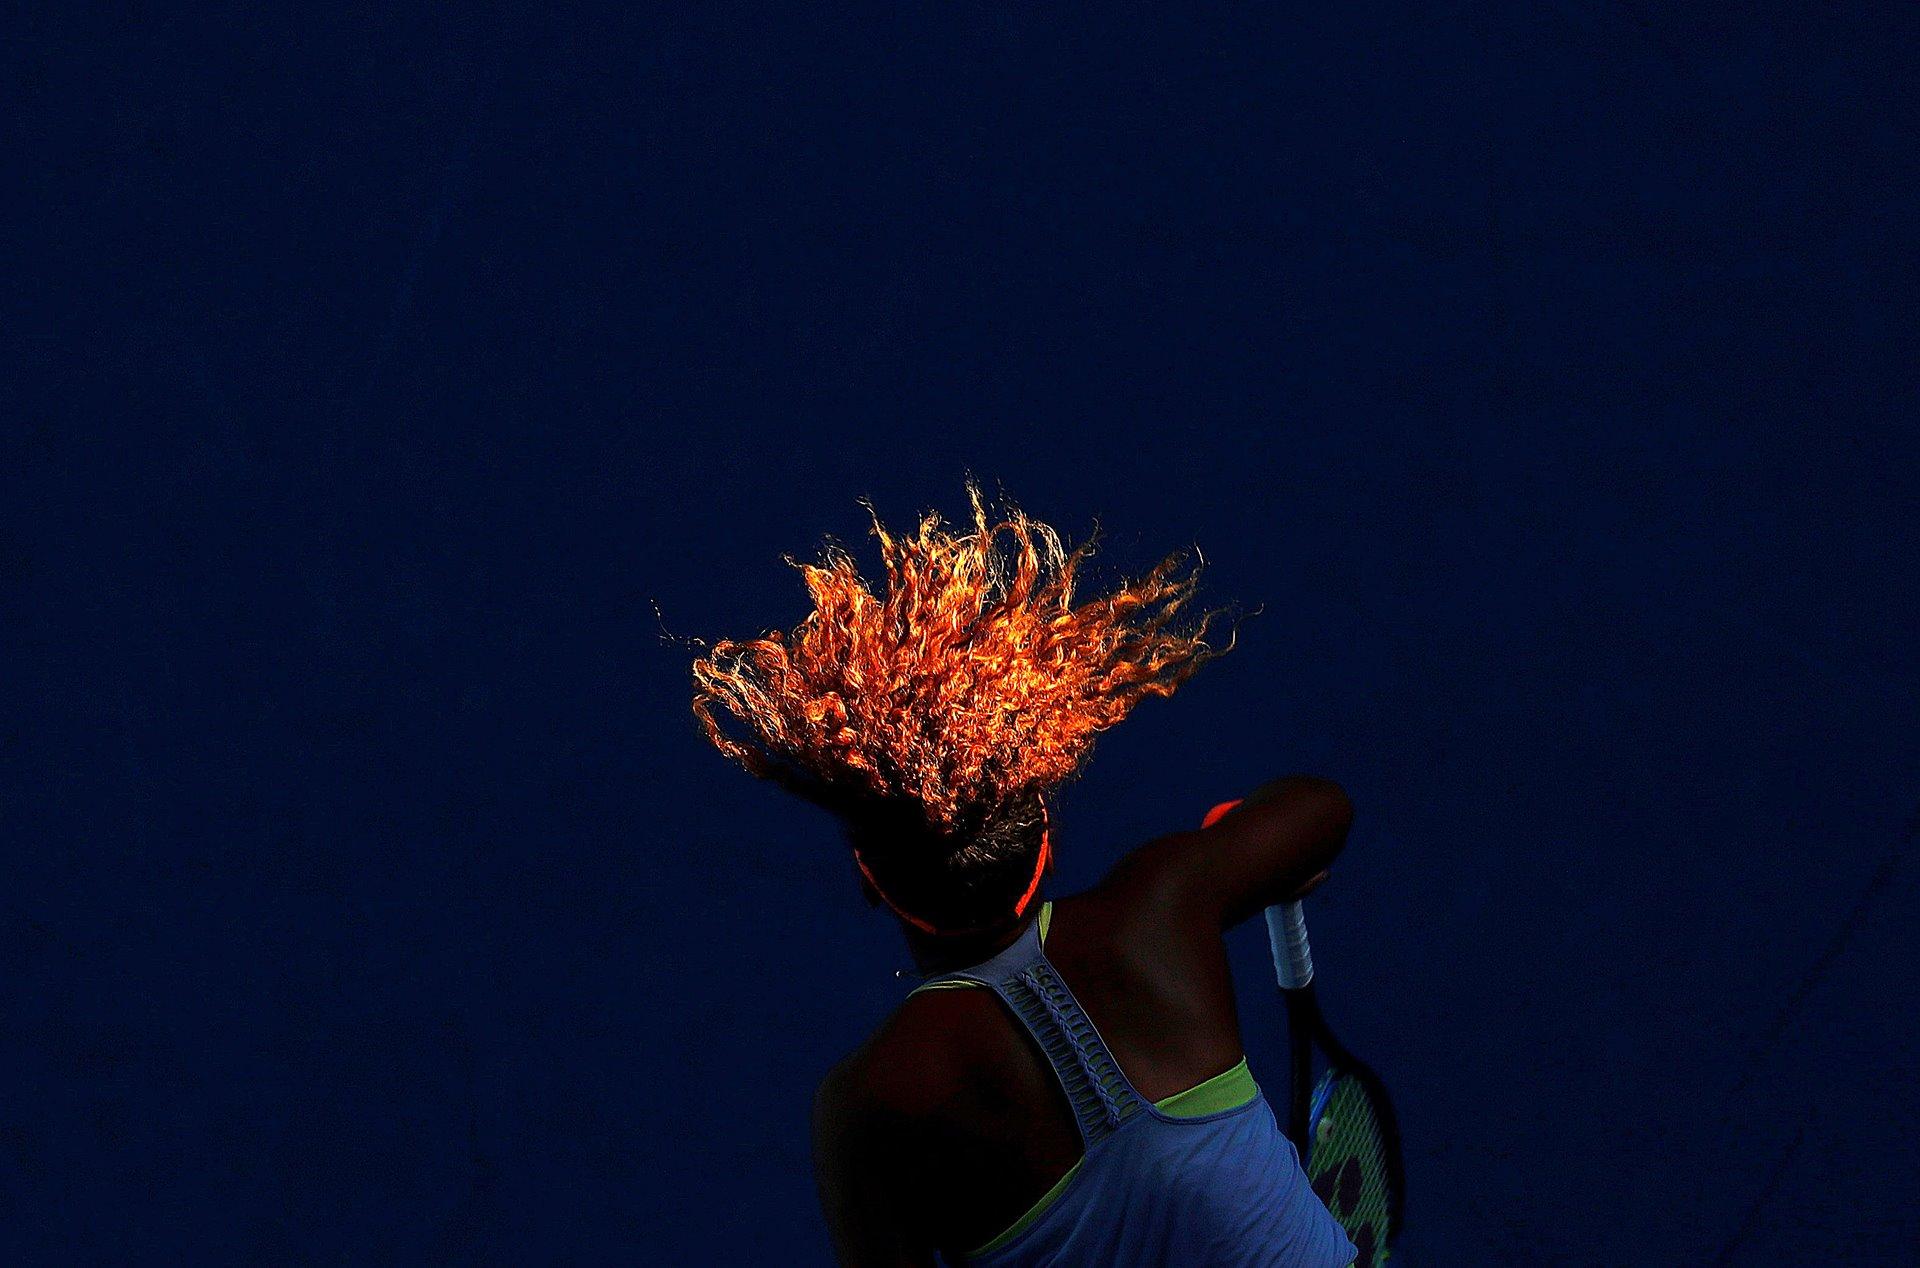 Naomi Osaka sirve durante su partido contra Simona Halep de Rumania durante el torneo de tenis Abierto de Australia, en el Margaret Court Arena, en Melbourne. Osaka, que nació de una madre japonesa y un padre haitiano que ahora reside en Florida, ganó el torneo / Foto: David Gray (Reuters)